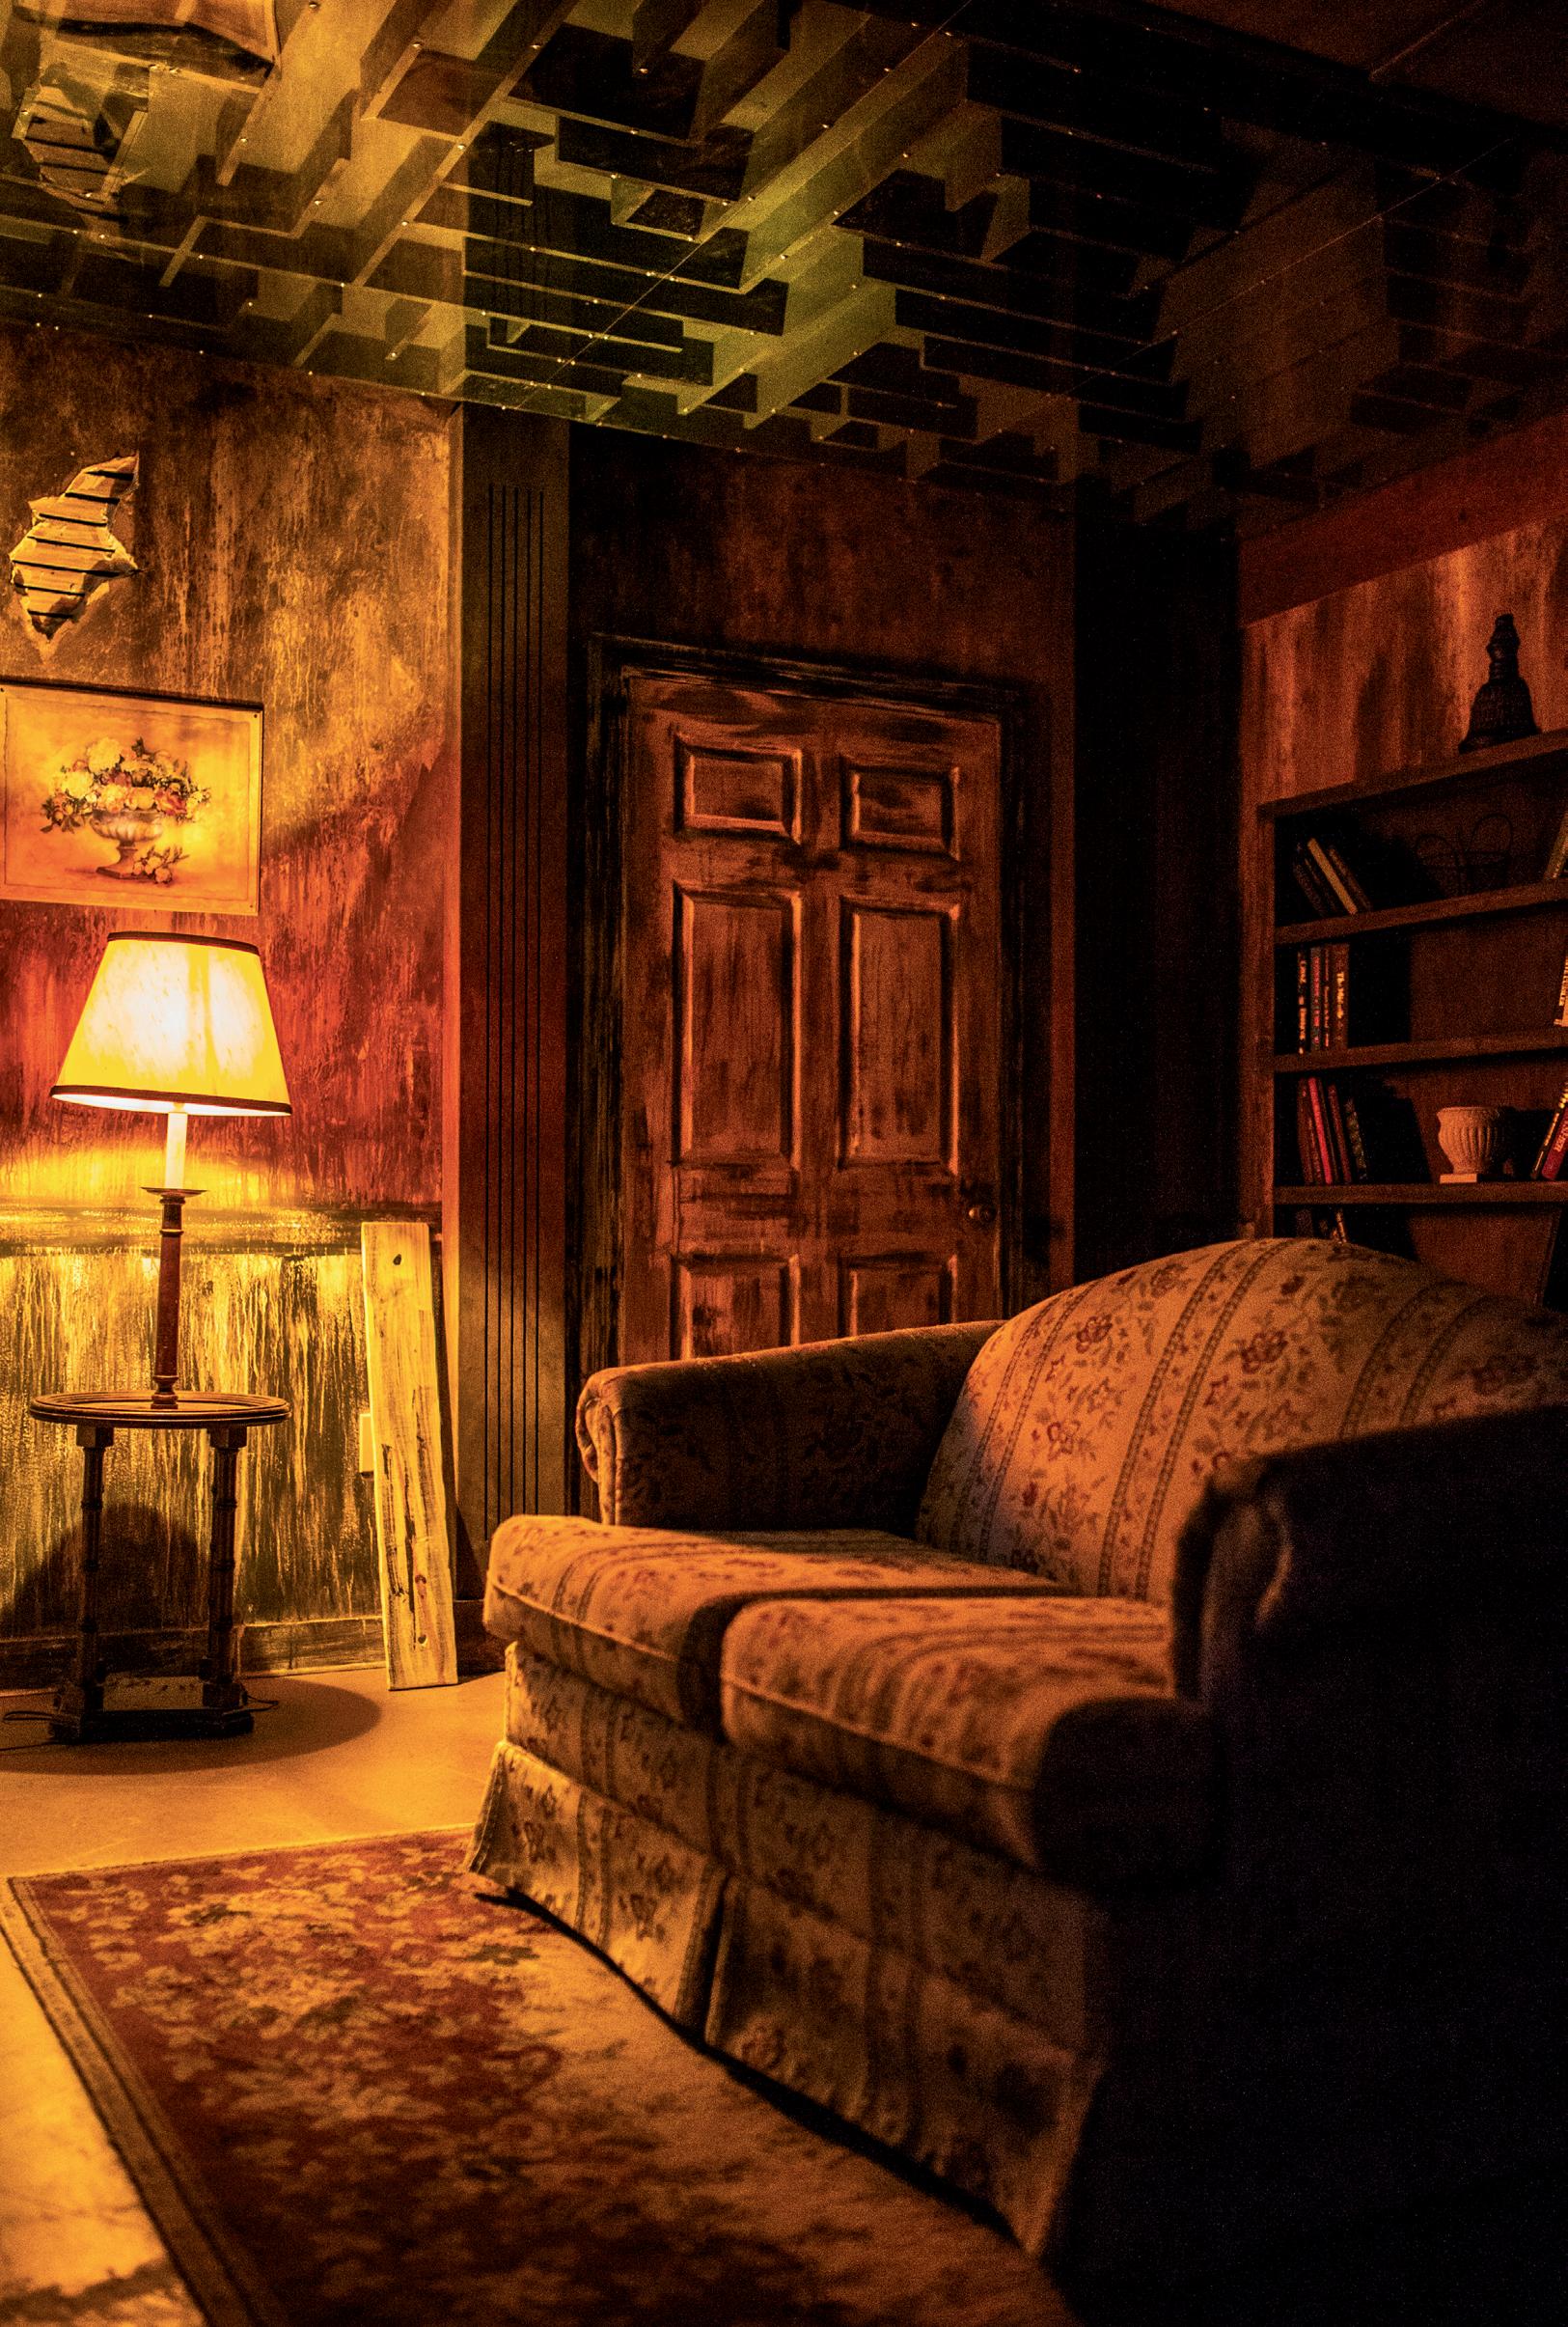 3. Escape Rooms